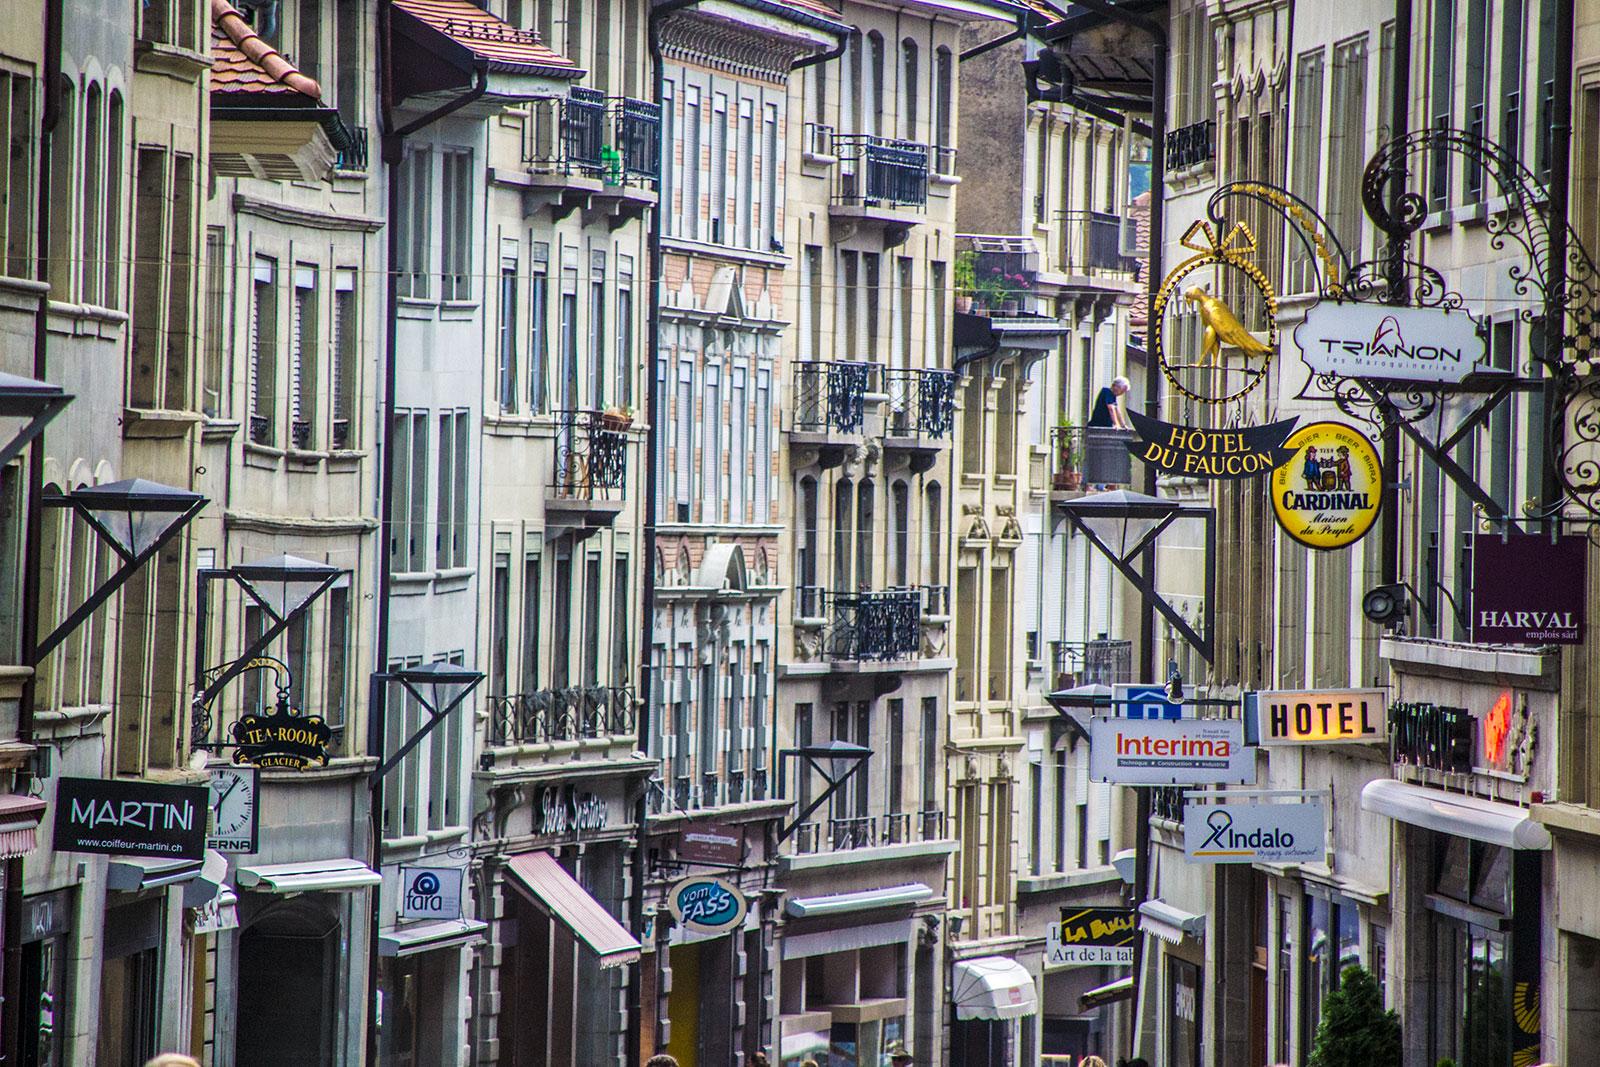 Calles de Friburgo 2 - qué ver en Friburgo